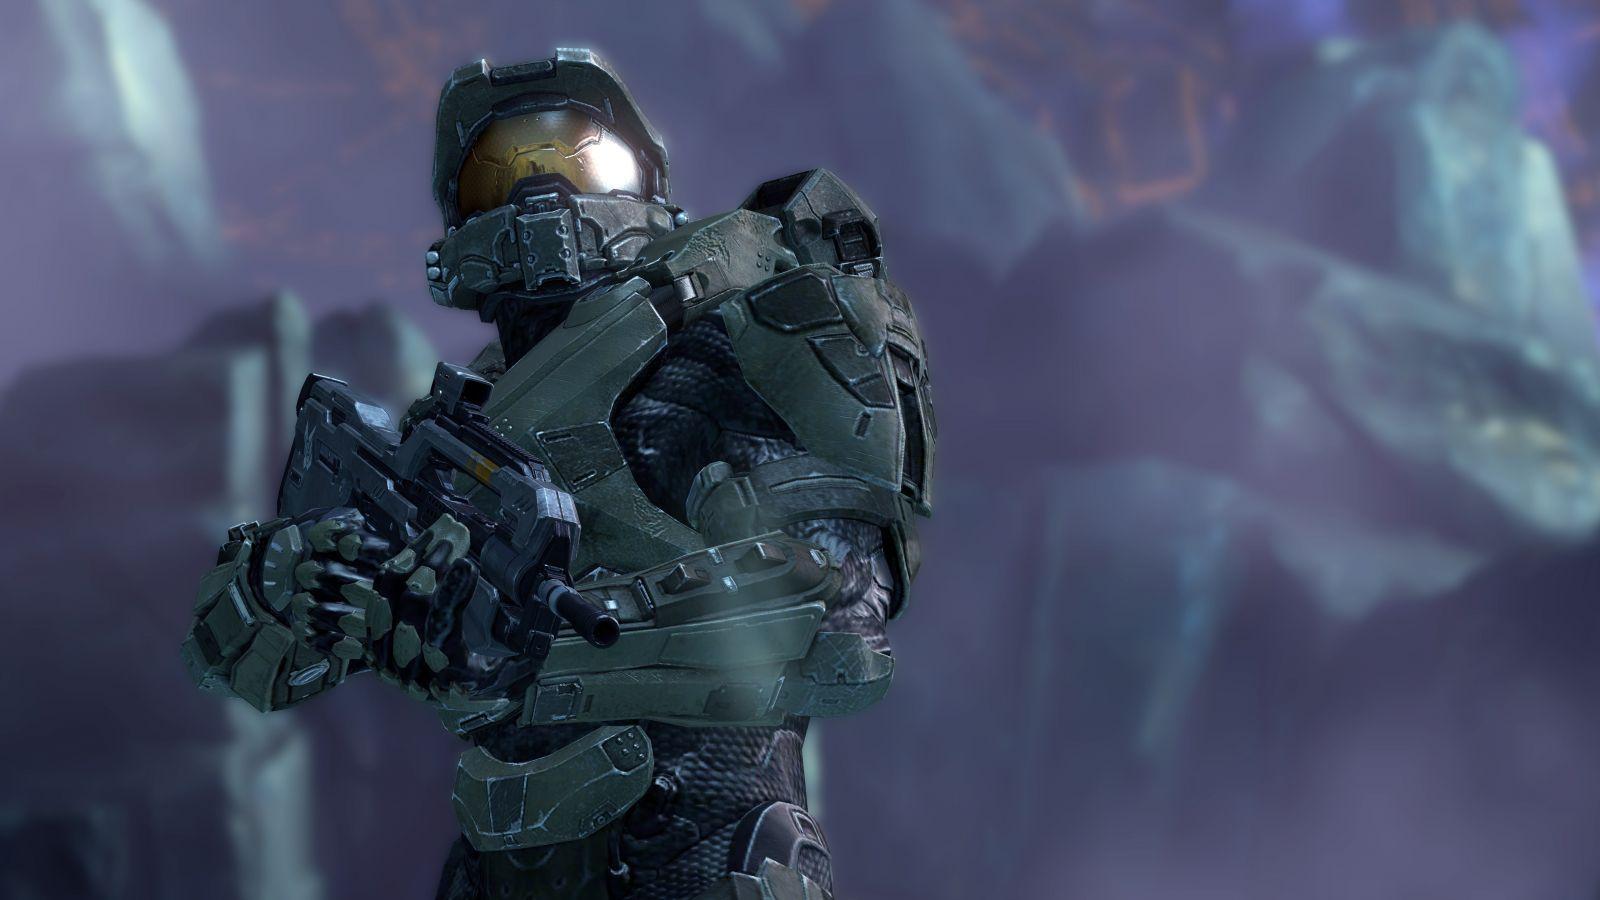 Halo 4 Image 2